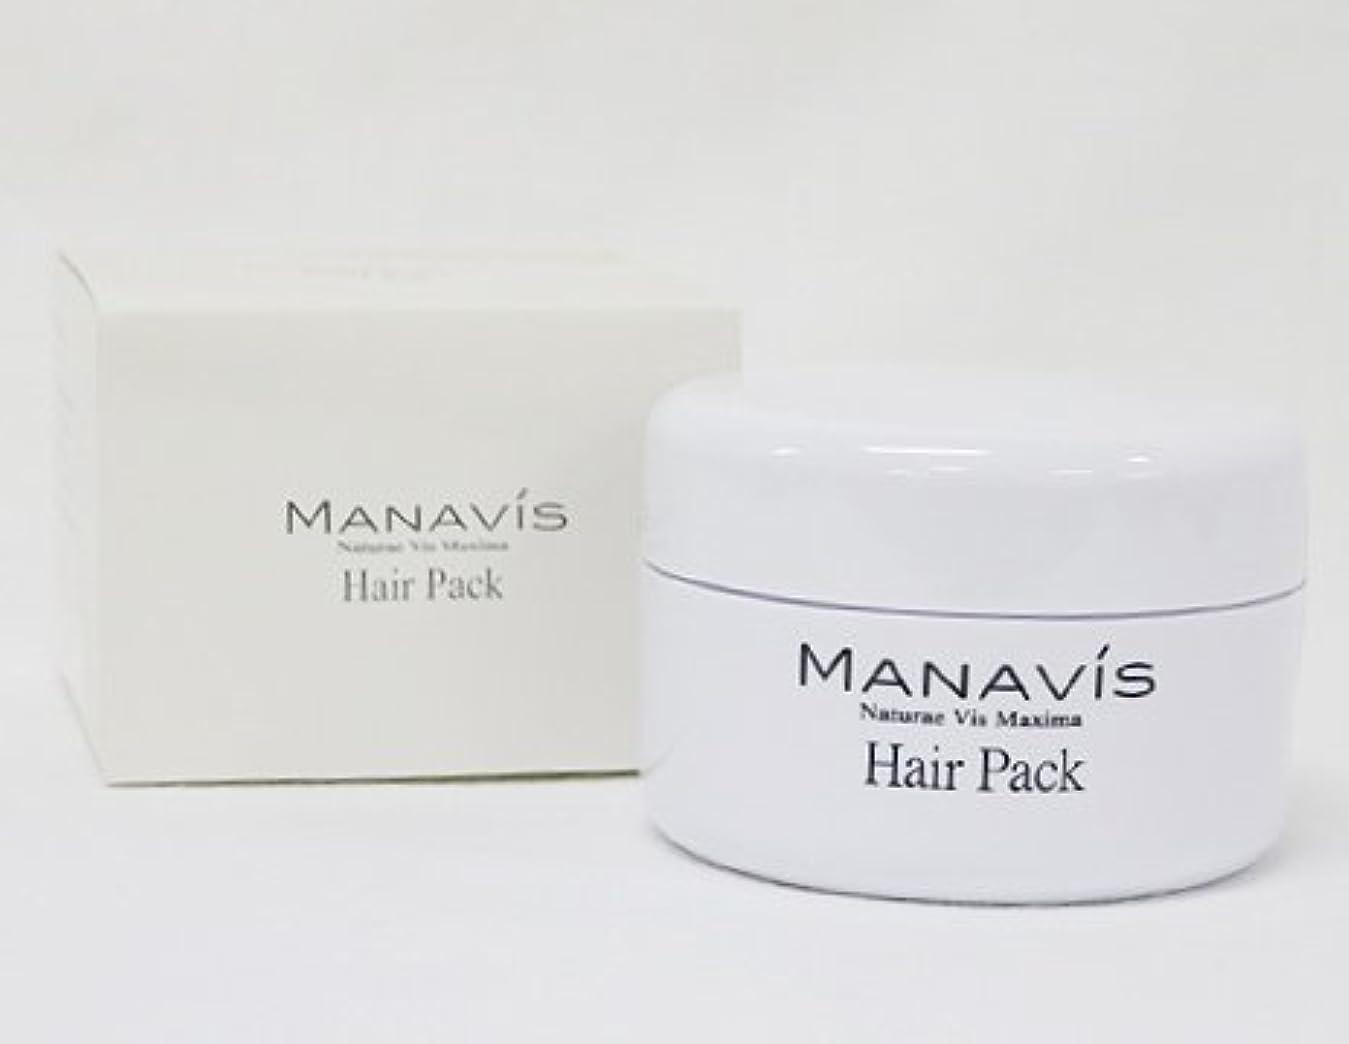 すぐに立ち寄るめったにMANAVIS マナビス化粧品 マナビス ヘアパック  (洗い流すタイプ)